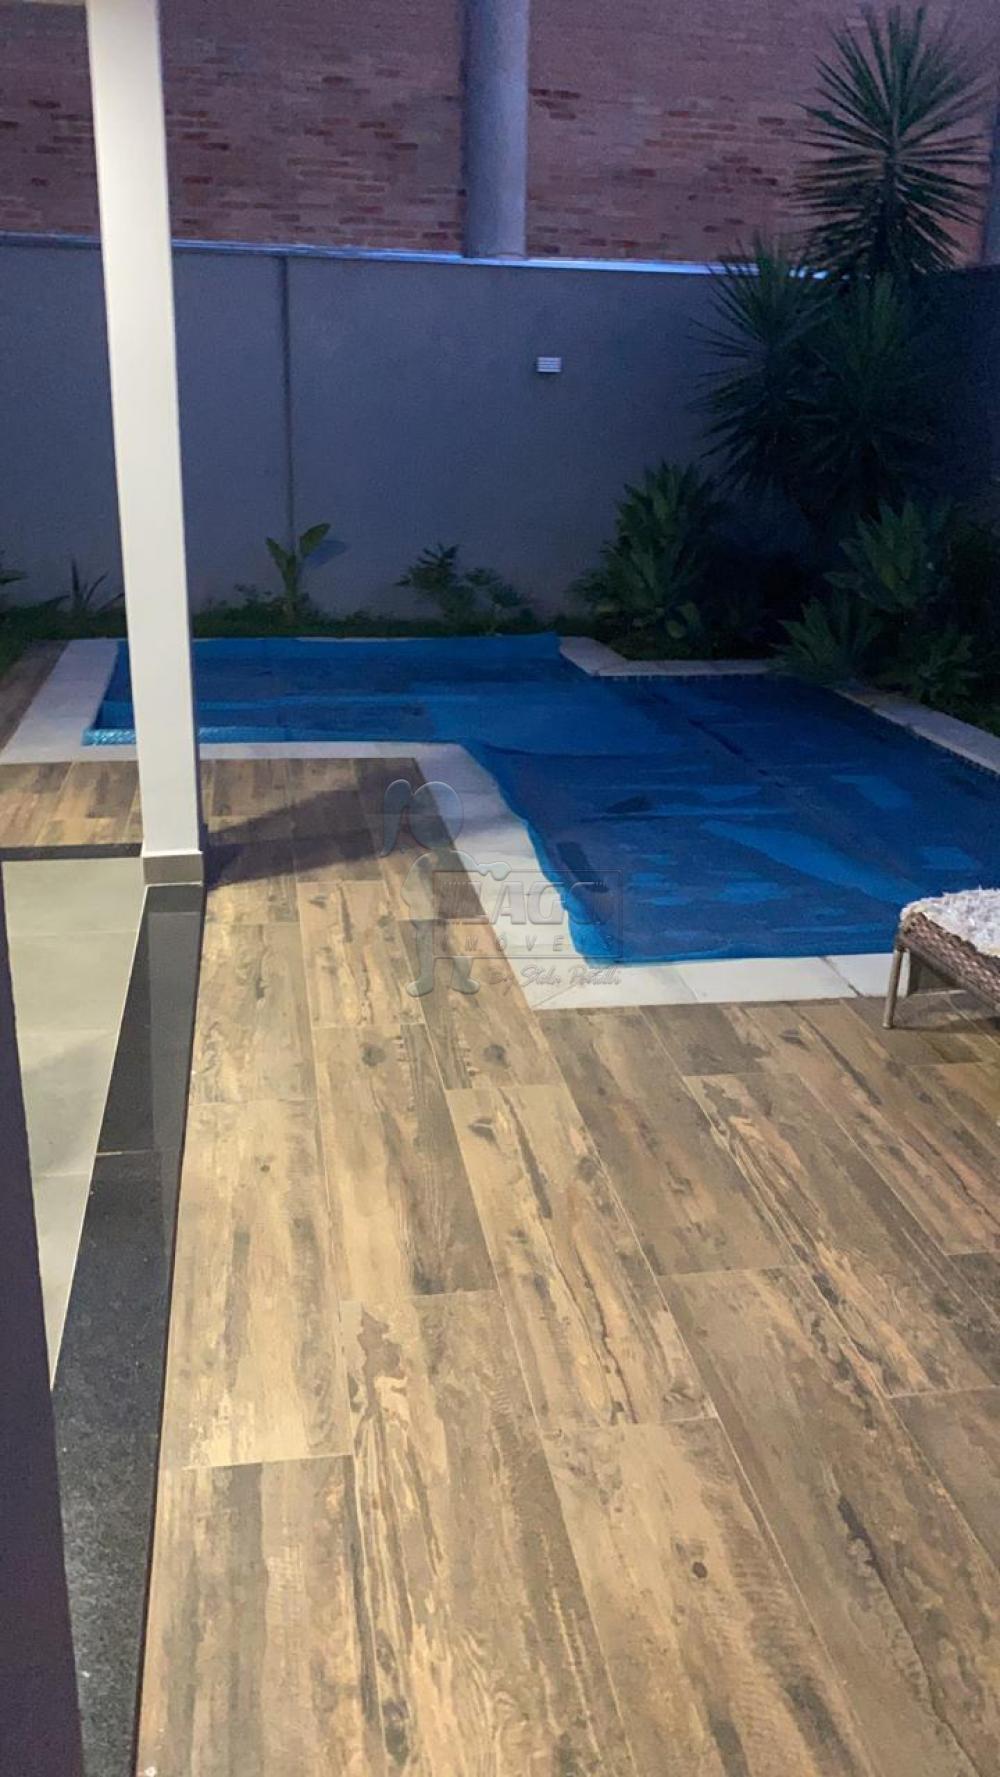 Comprar Casas / Condomínio em Bonfim Paulista apenas R$ 1.400.000,00 - Foto 11